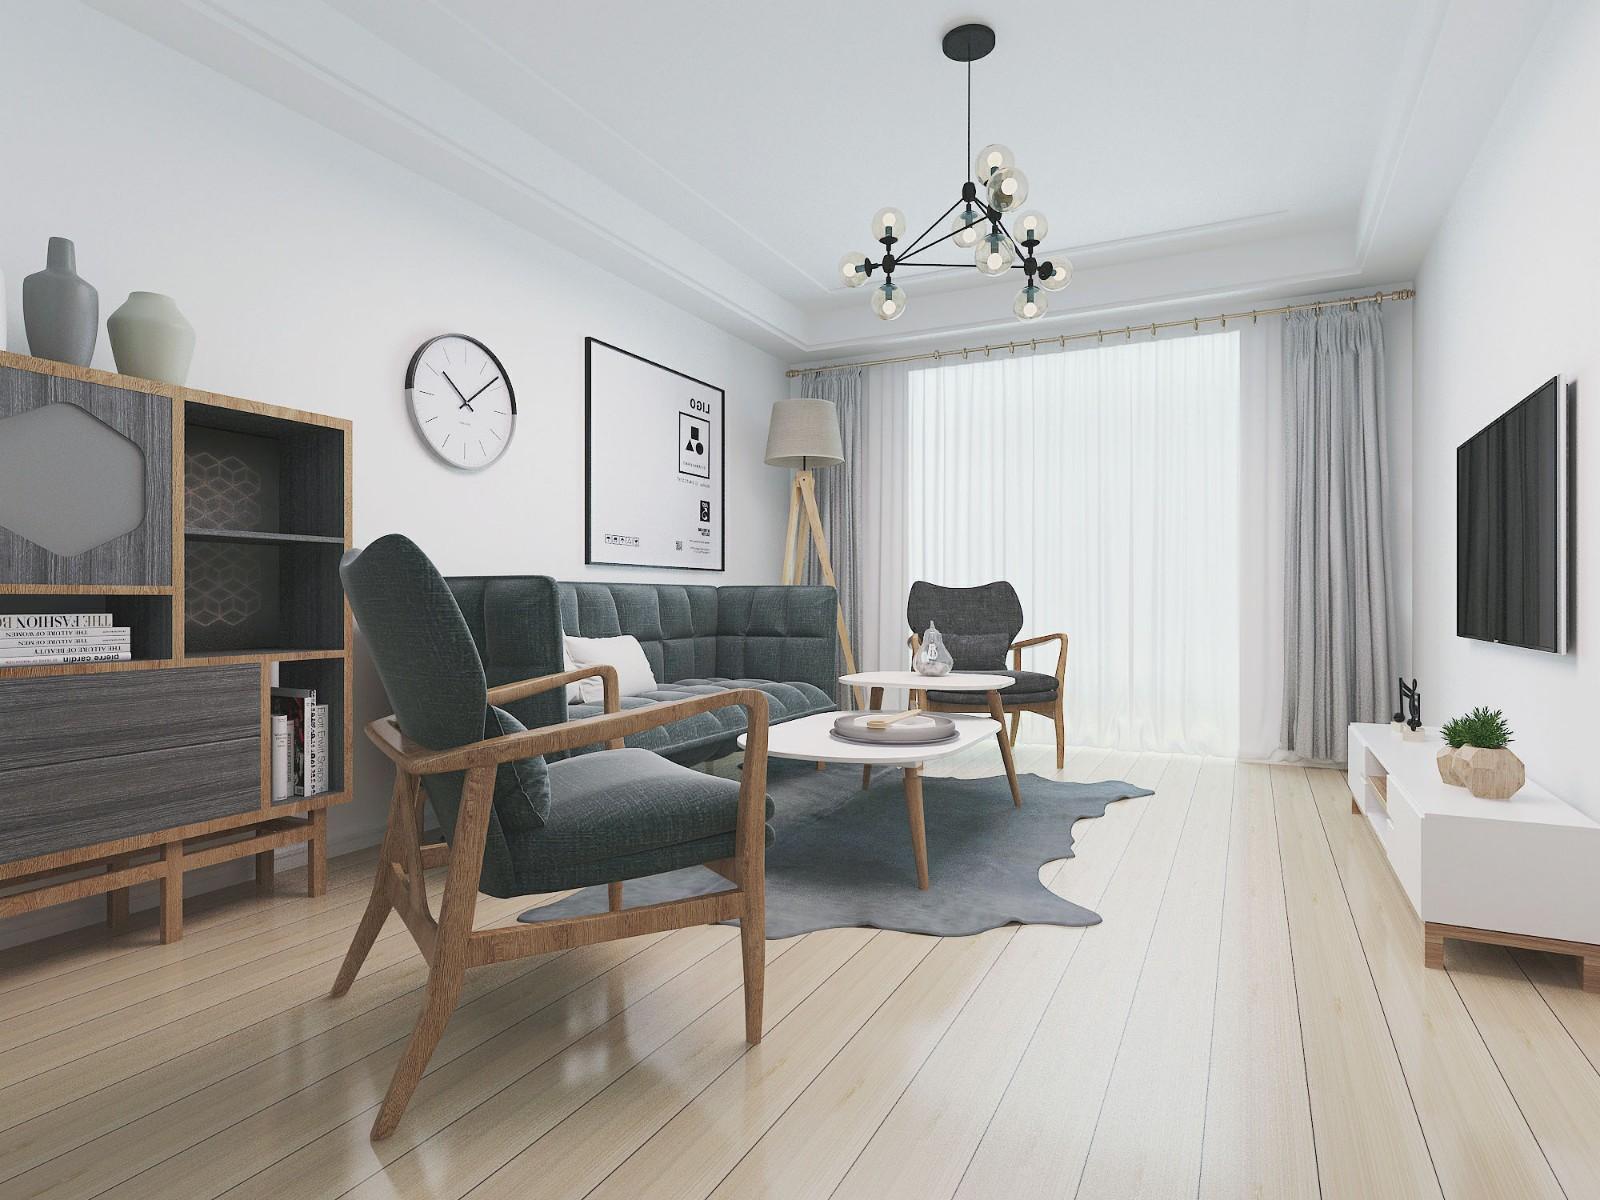 106平米简约风格客厅装修效果图